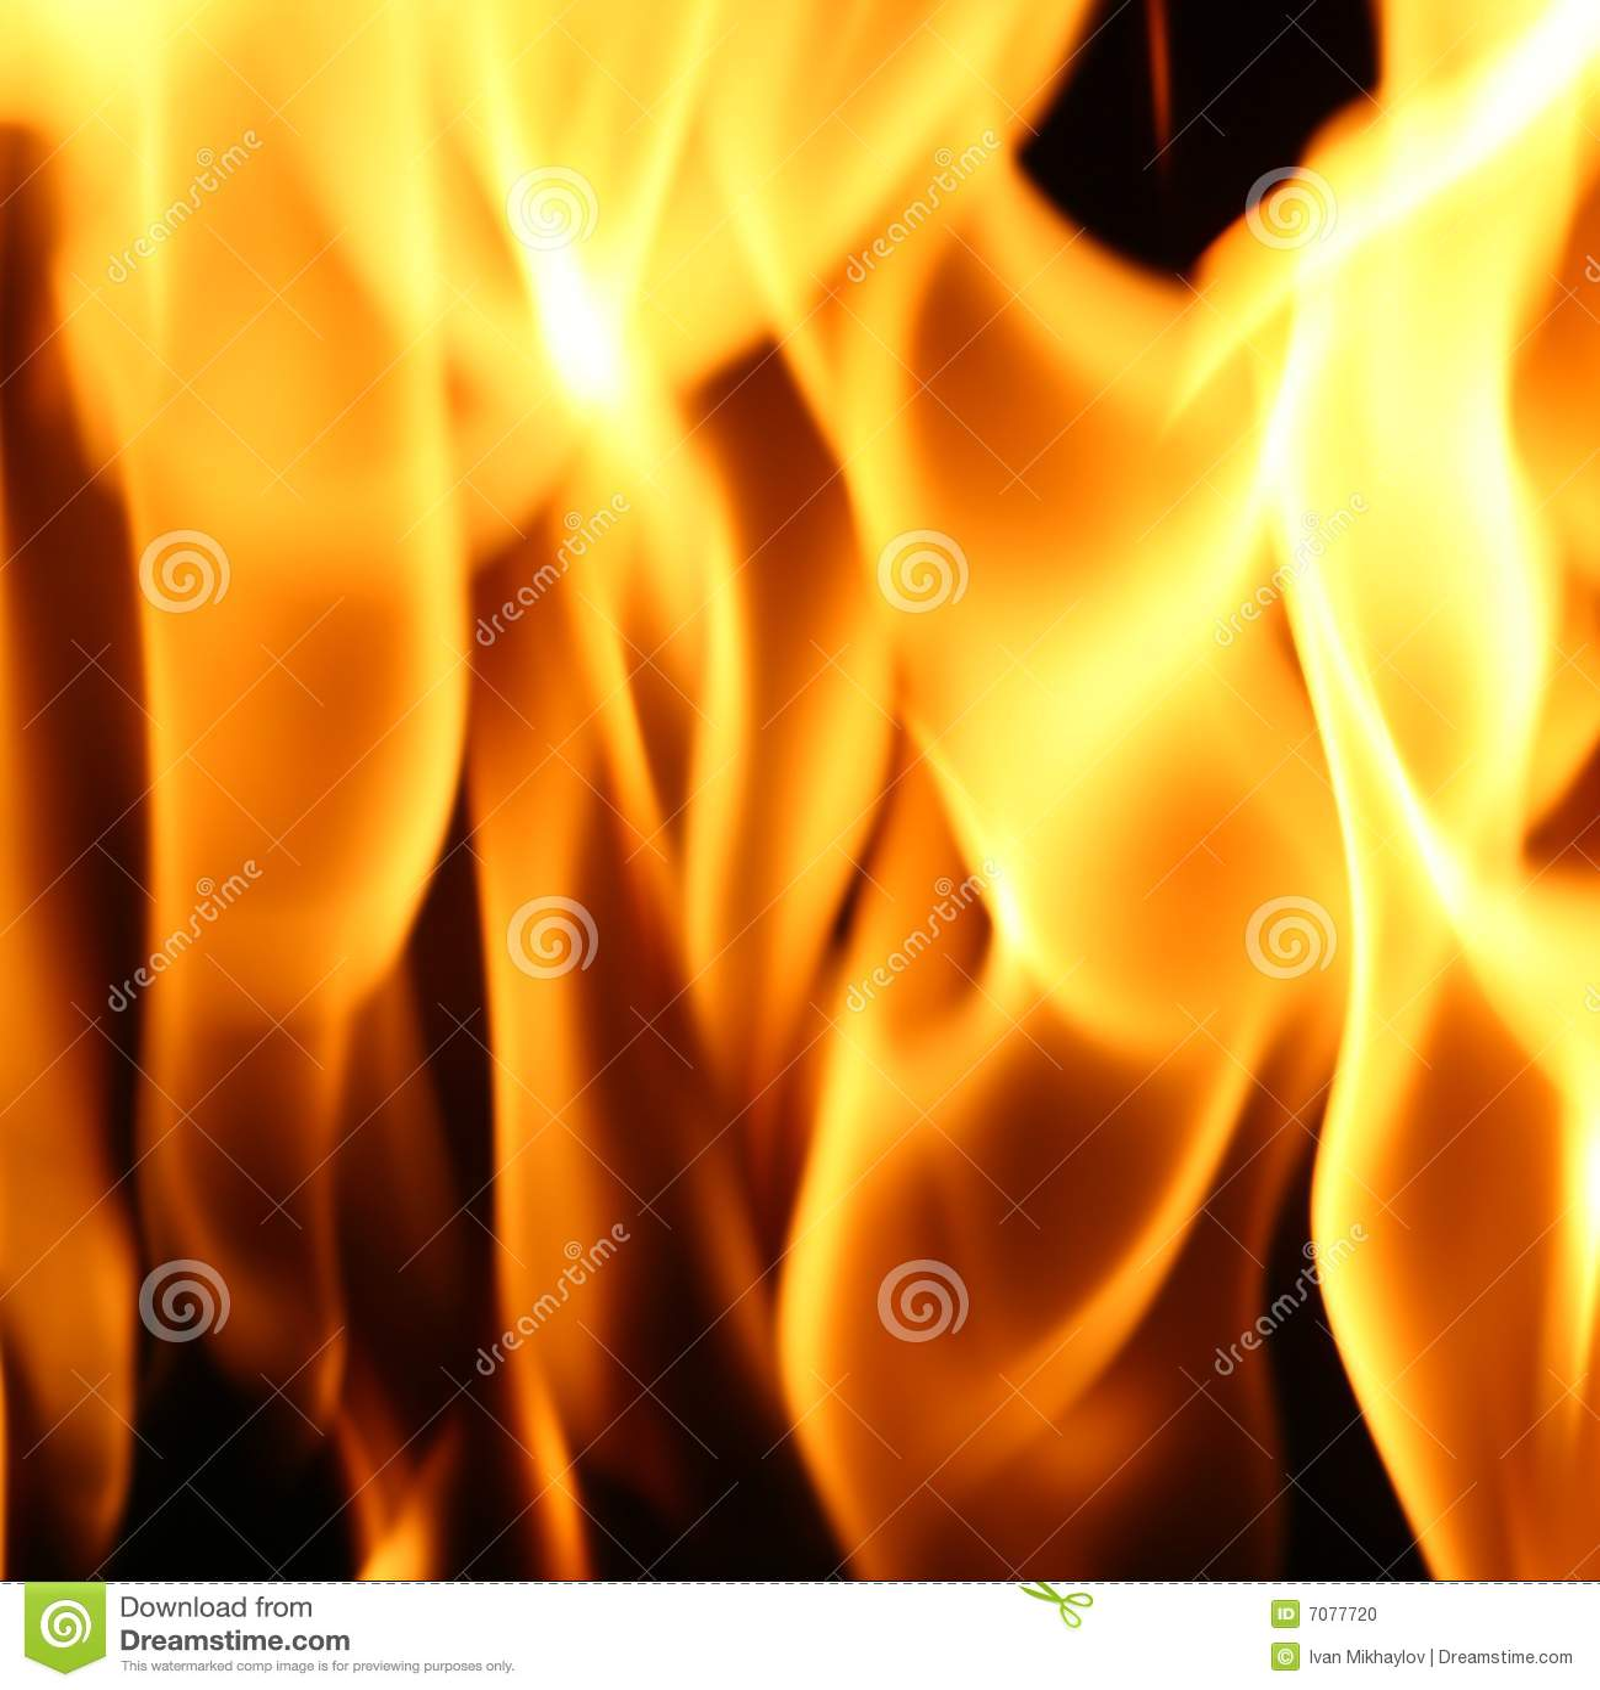 Top Wallpaper Fire Gold - fire-wallpaper-7077720  Best Photo Reference_511006 .jpg